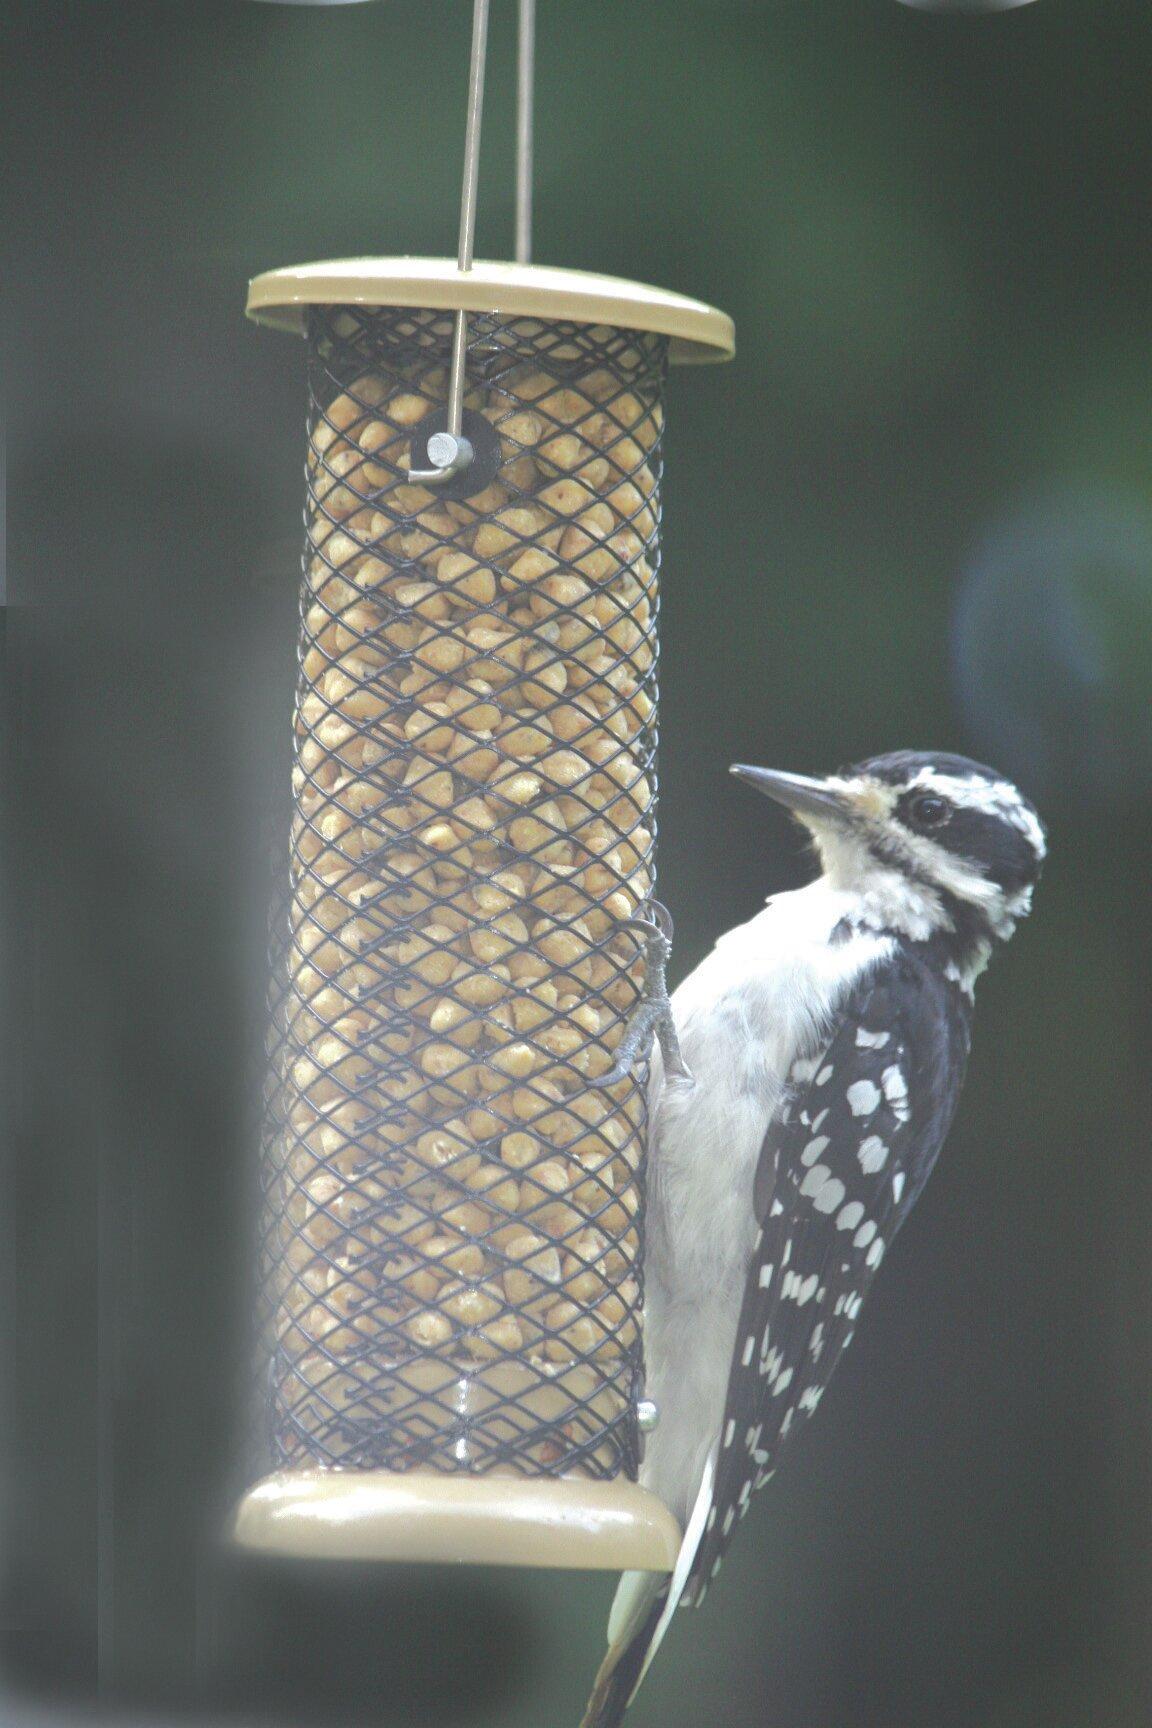 Birds Choice Low Cost Peanut Tube Bird Feeder   Wayfair